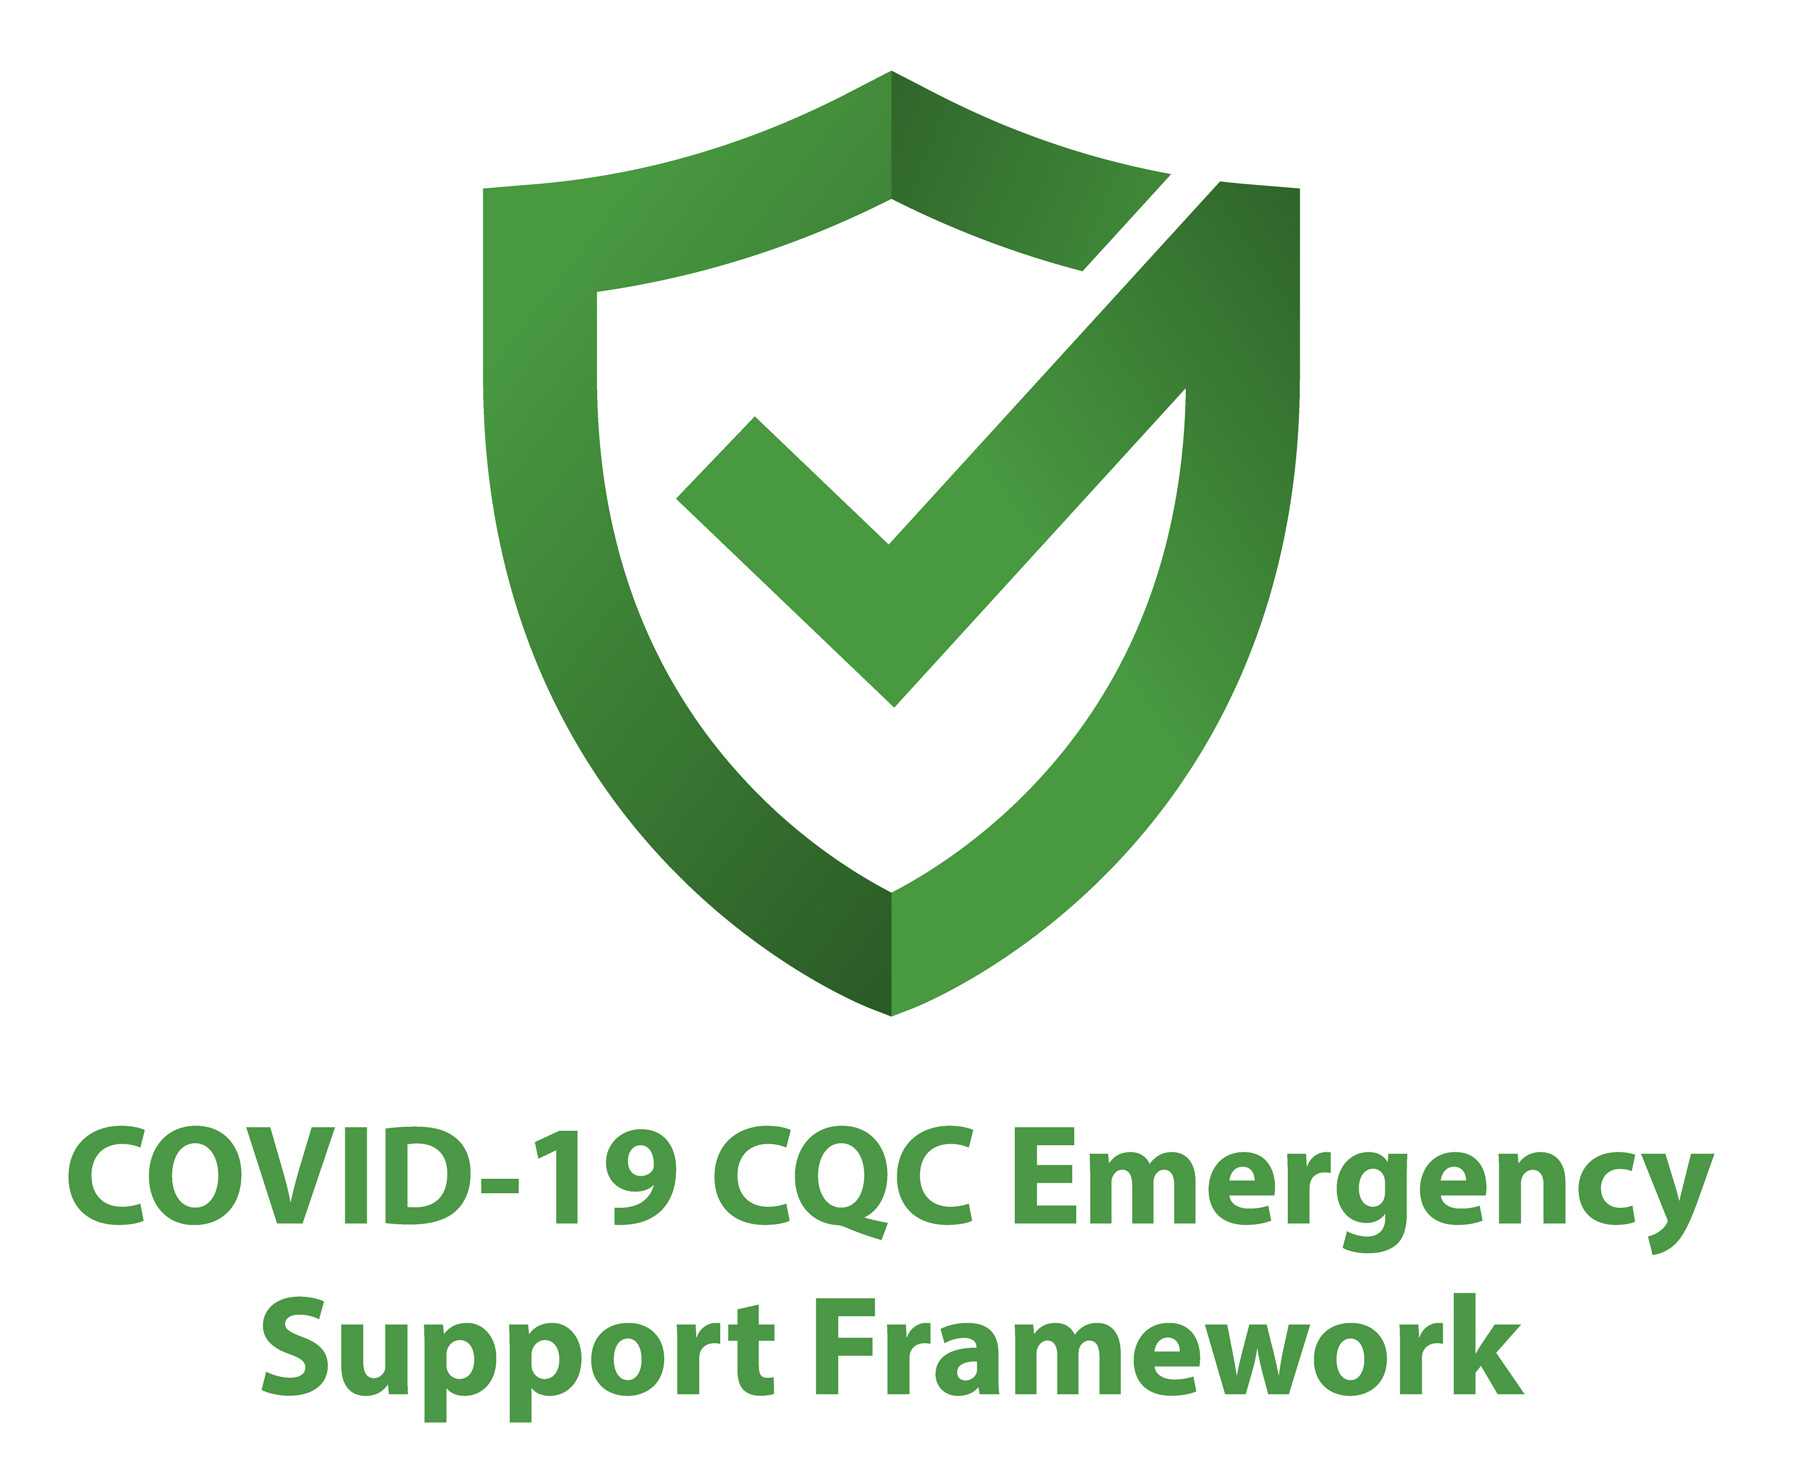 COVID 19 CQC Emergency Support Framework